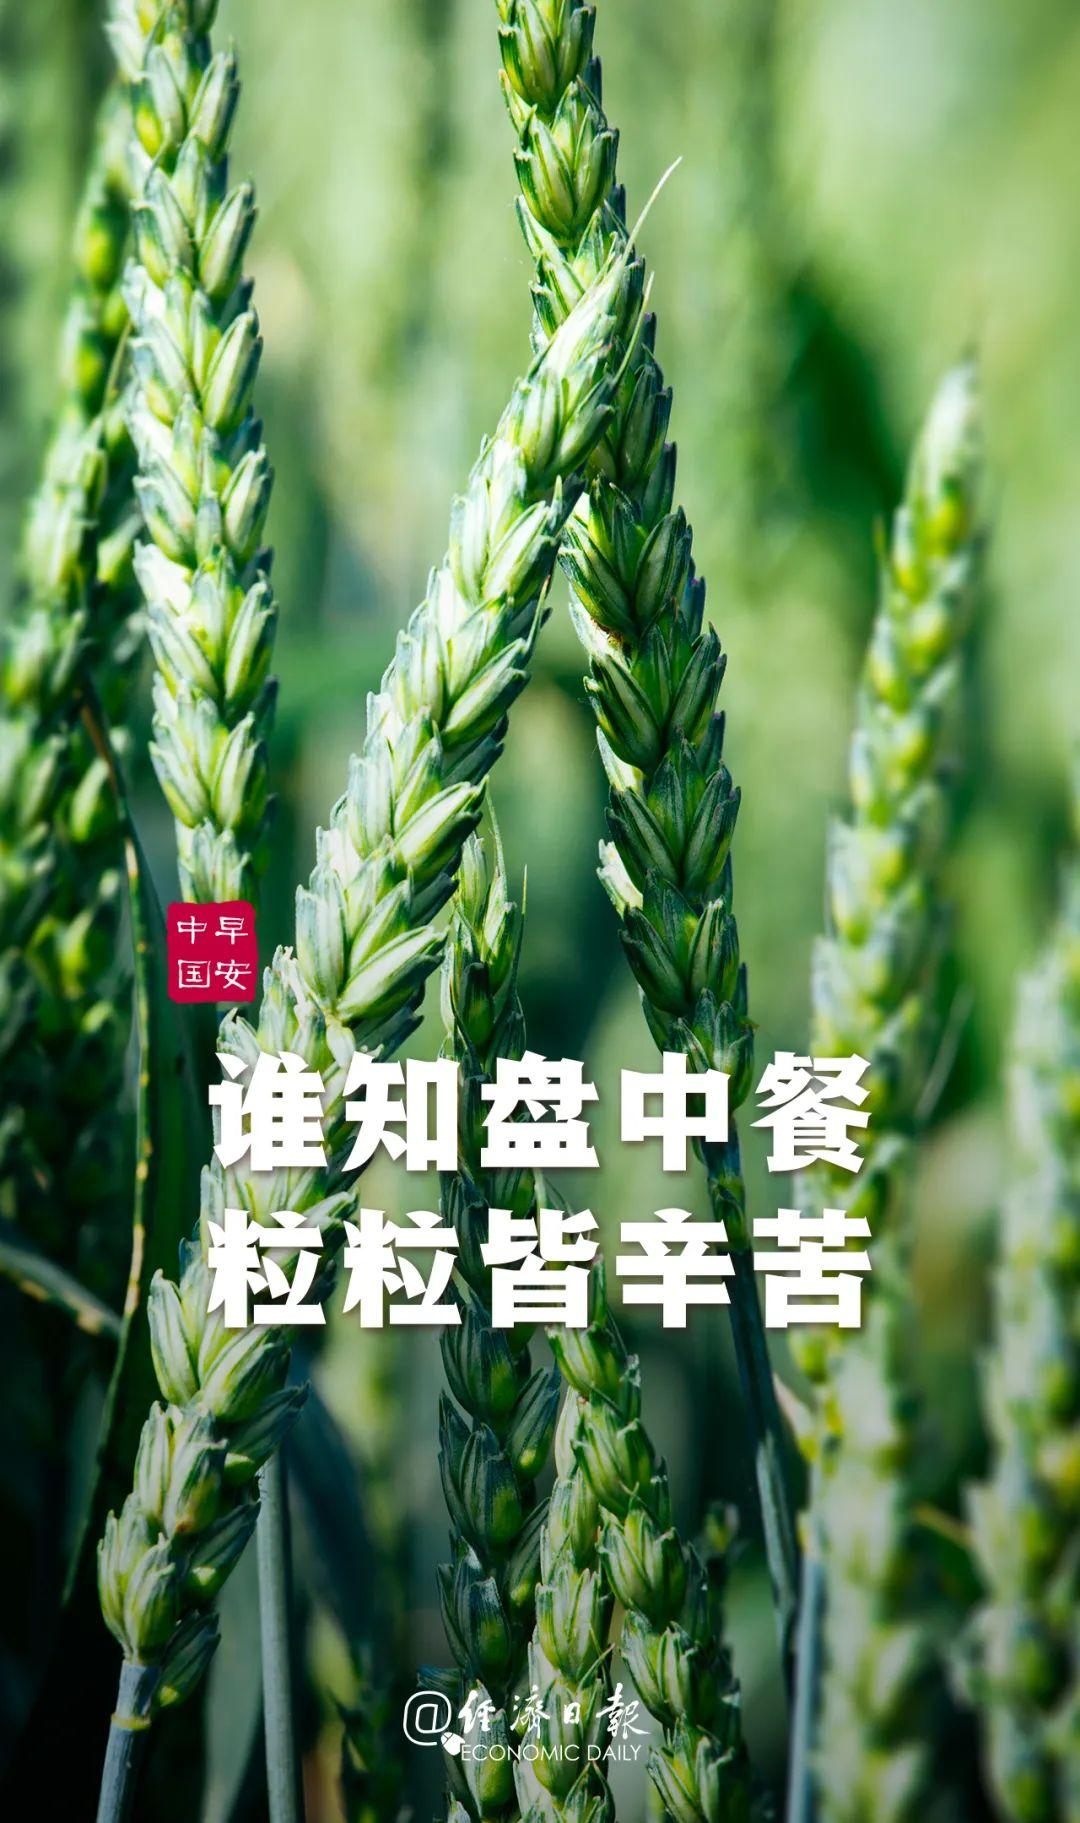 南京餐厅收押金防止浪费  拒绝舌尖上的浪费